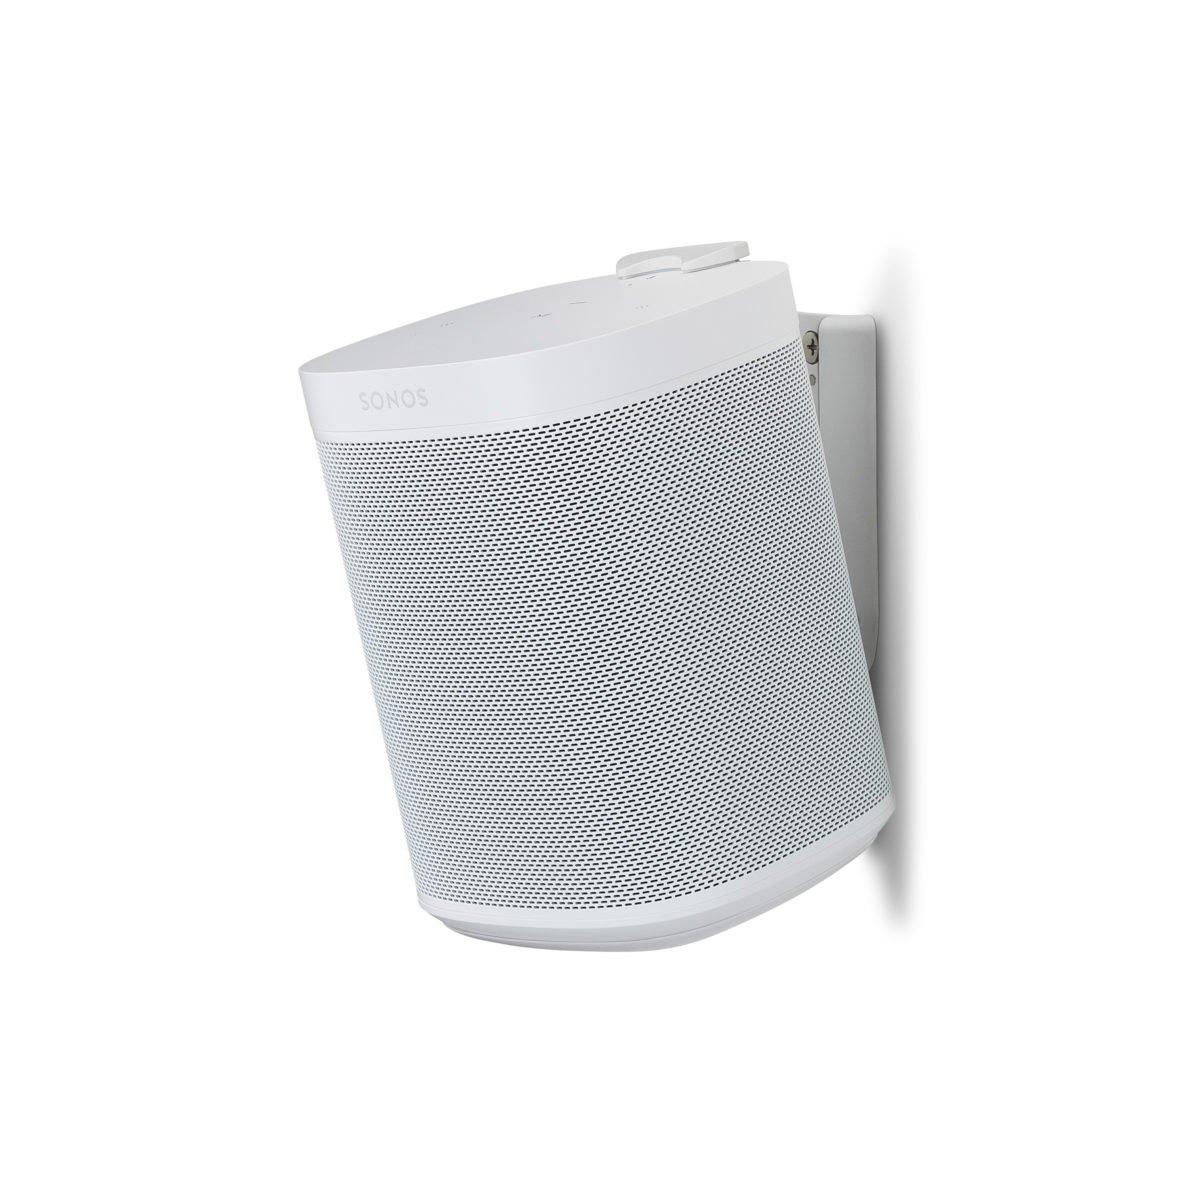 Sonos one muurbeugel wit 6